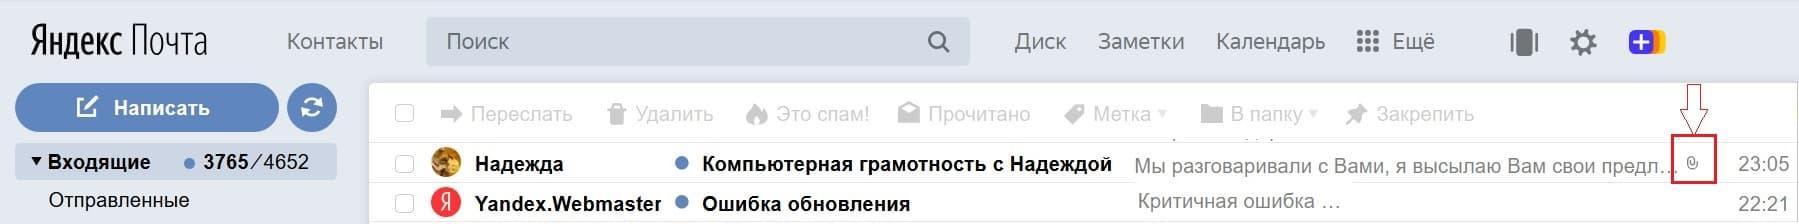 к письму в Яндекс почте прикреплен файл